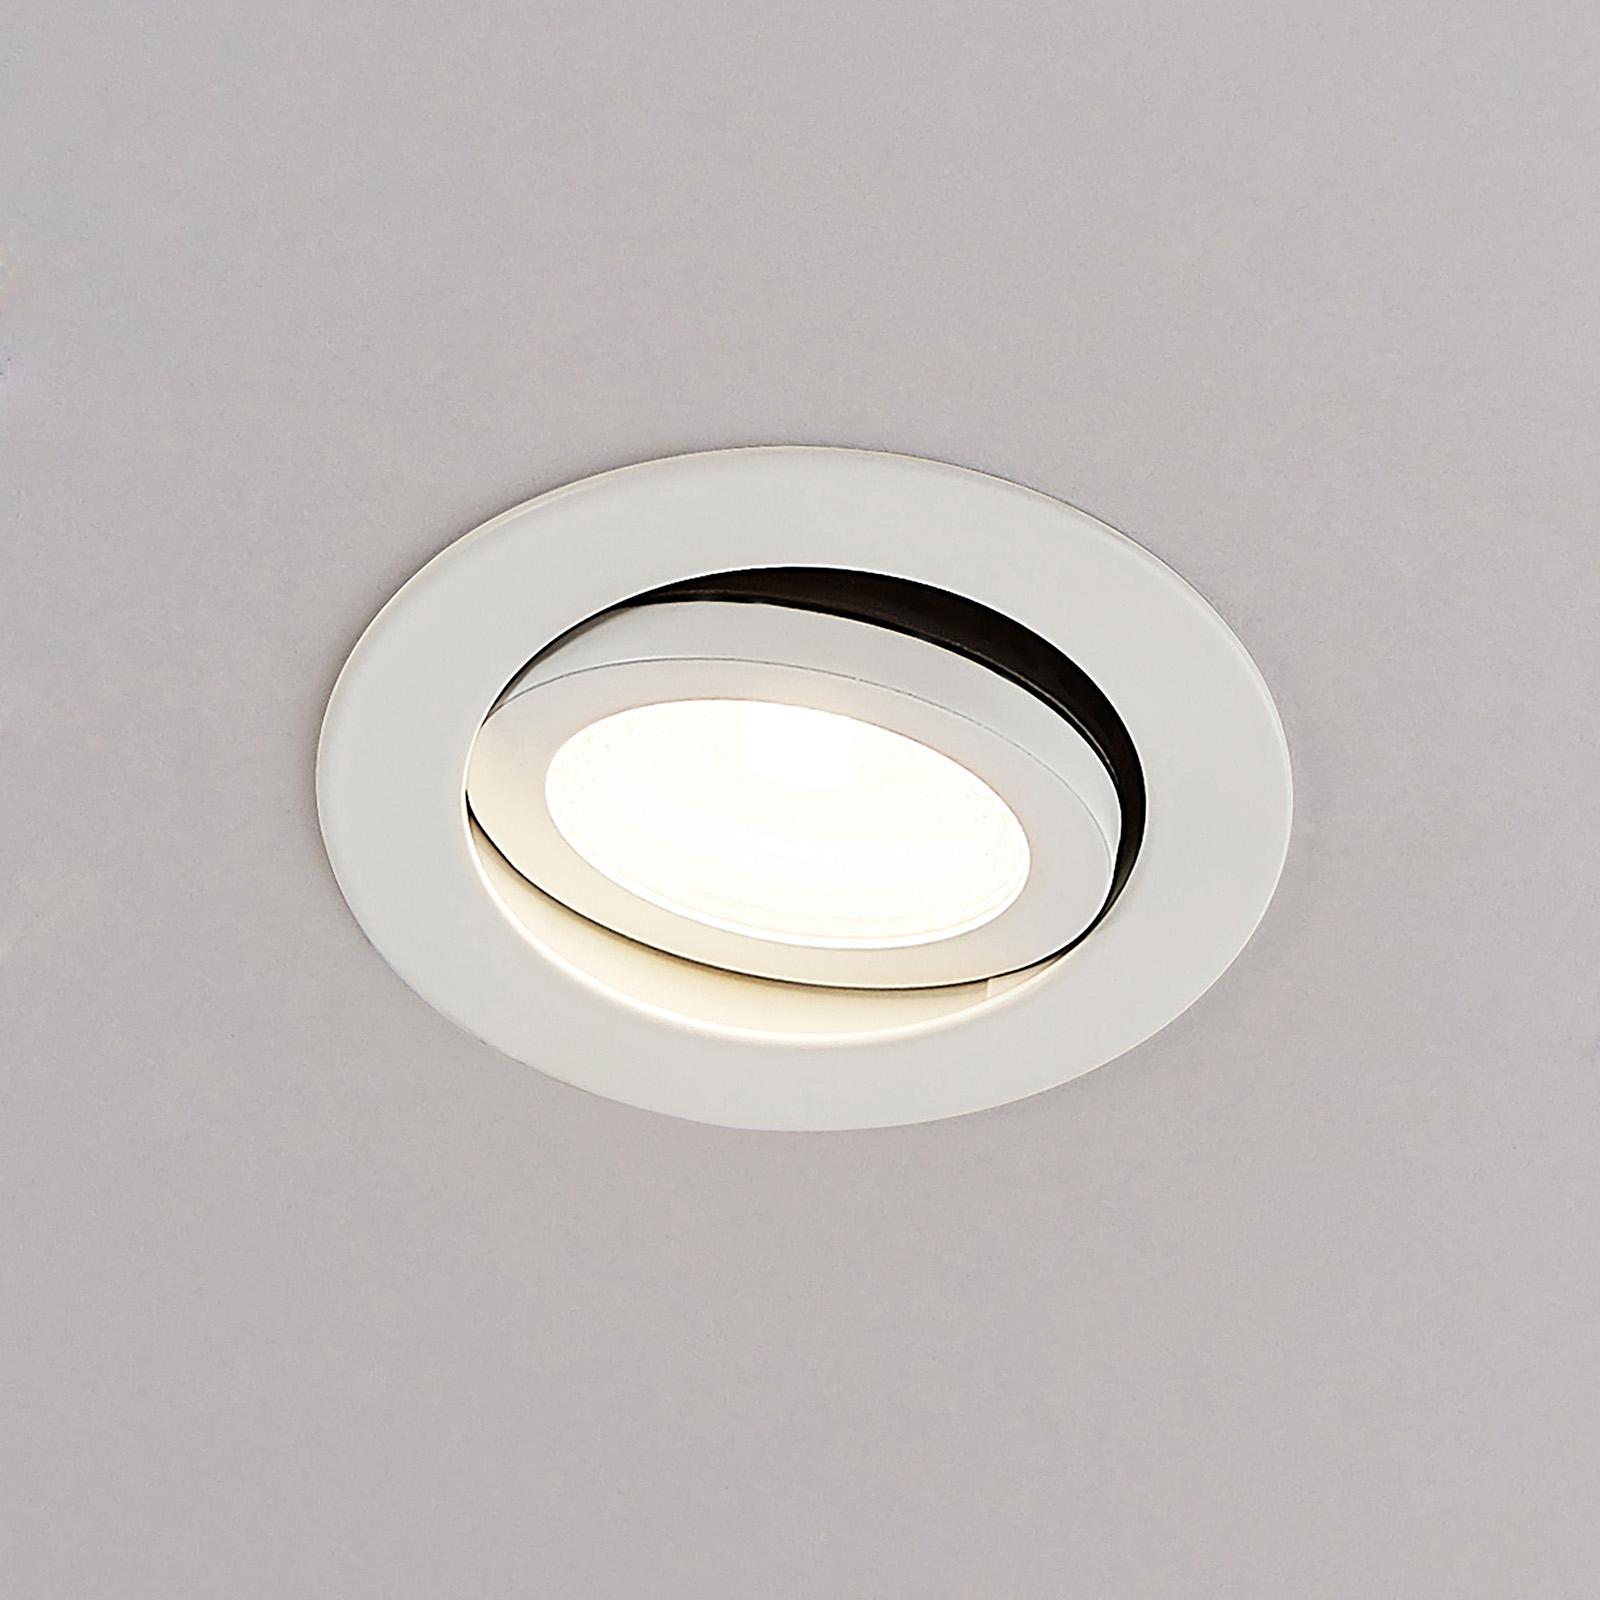 Arcchio Nabor -LED-alasvalo 36° 2 700K IP65, 4W